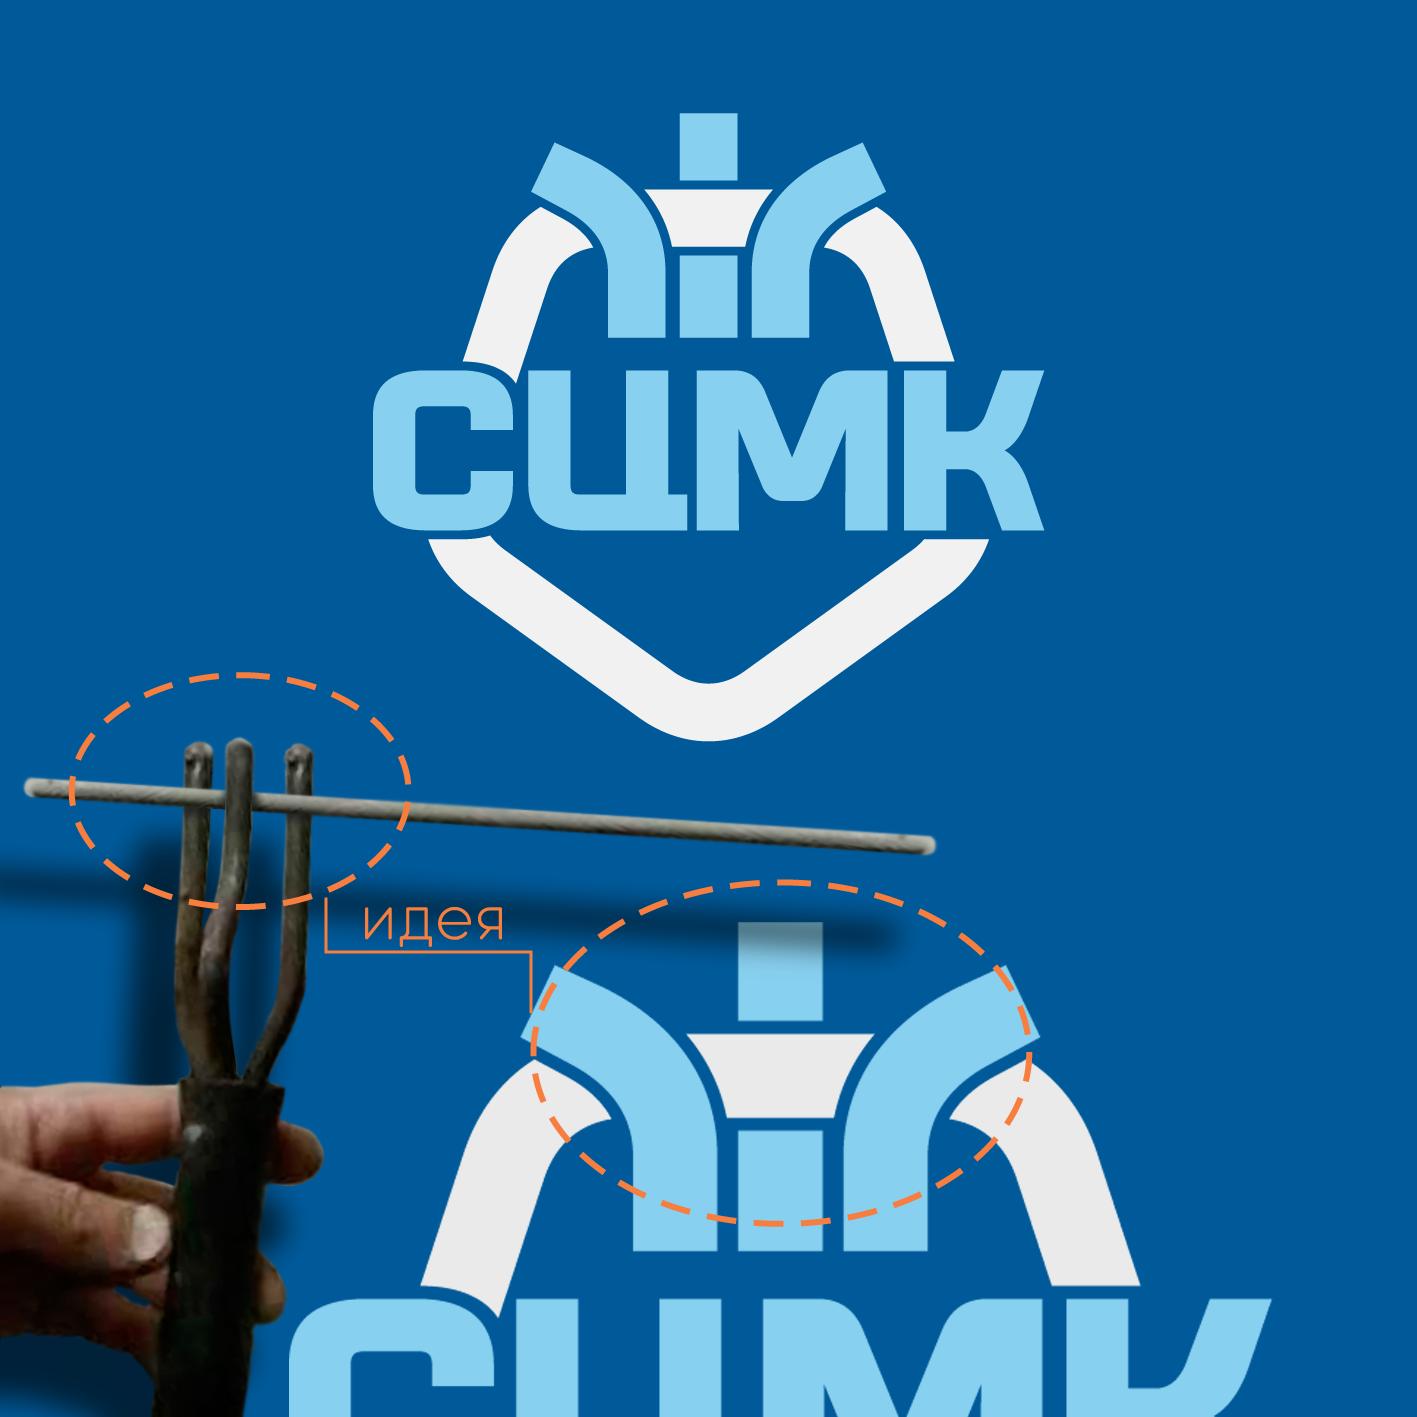 Разработка логотипа и фирменного стиля фото f_2055ad7c9622873a.png